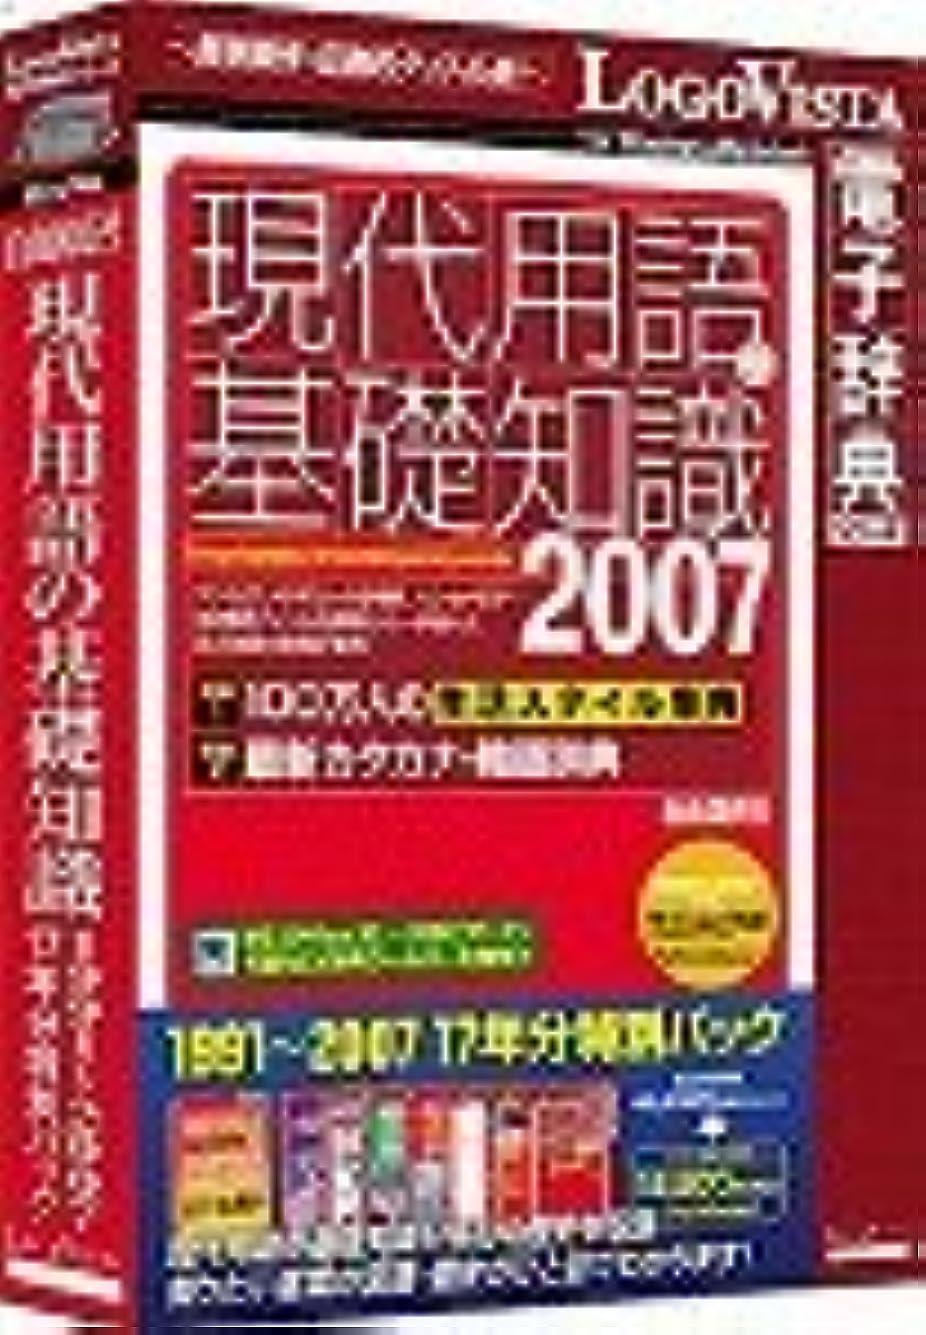 告発者消費者混沌現代用語の基礎知識1991~2007 17年分特別パック